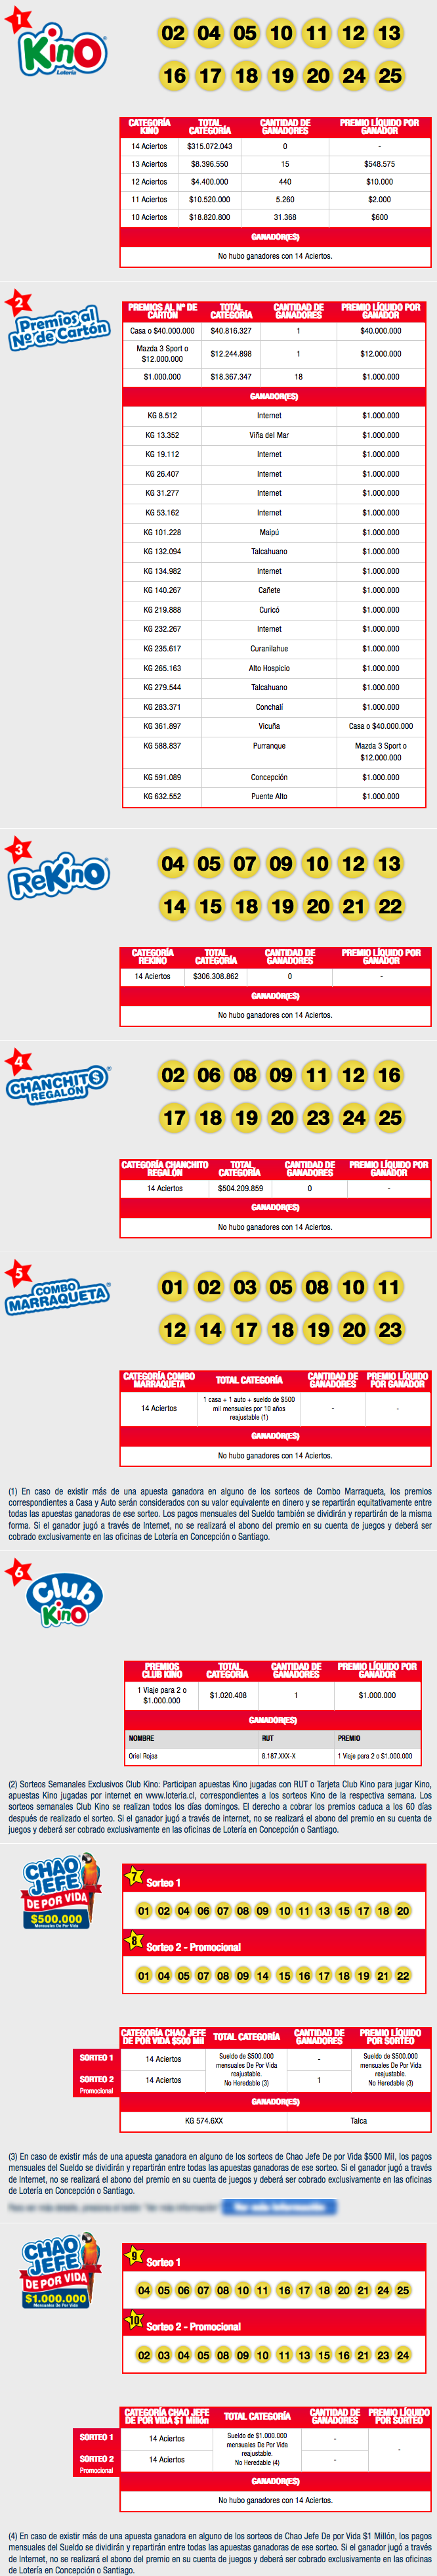 Resultados Kino Chile Sorteo 2109